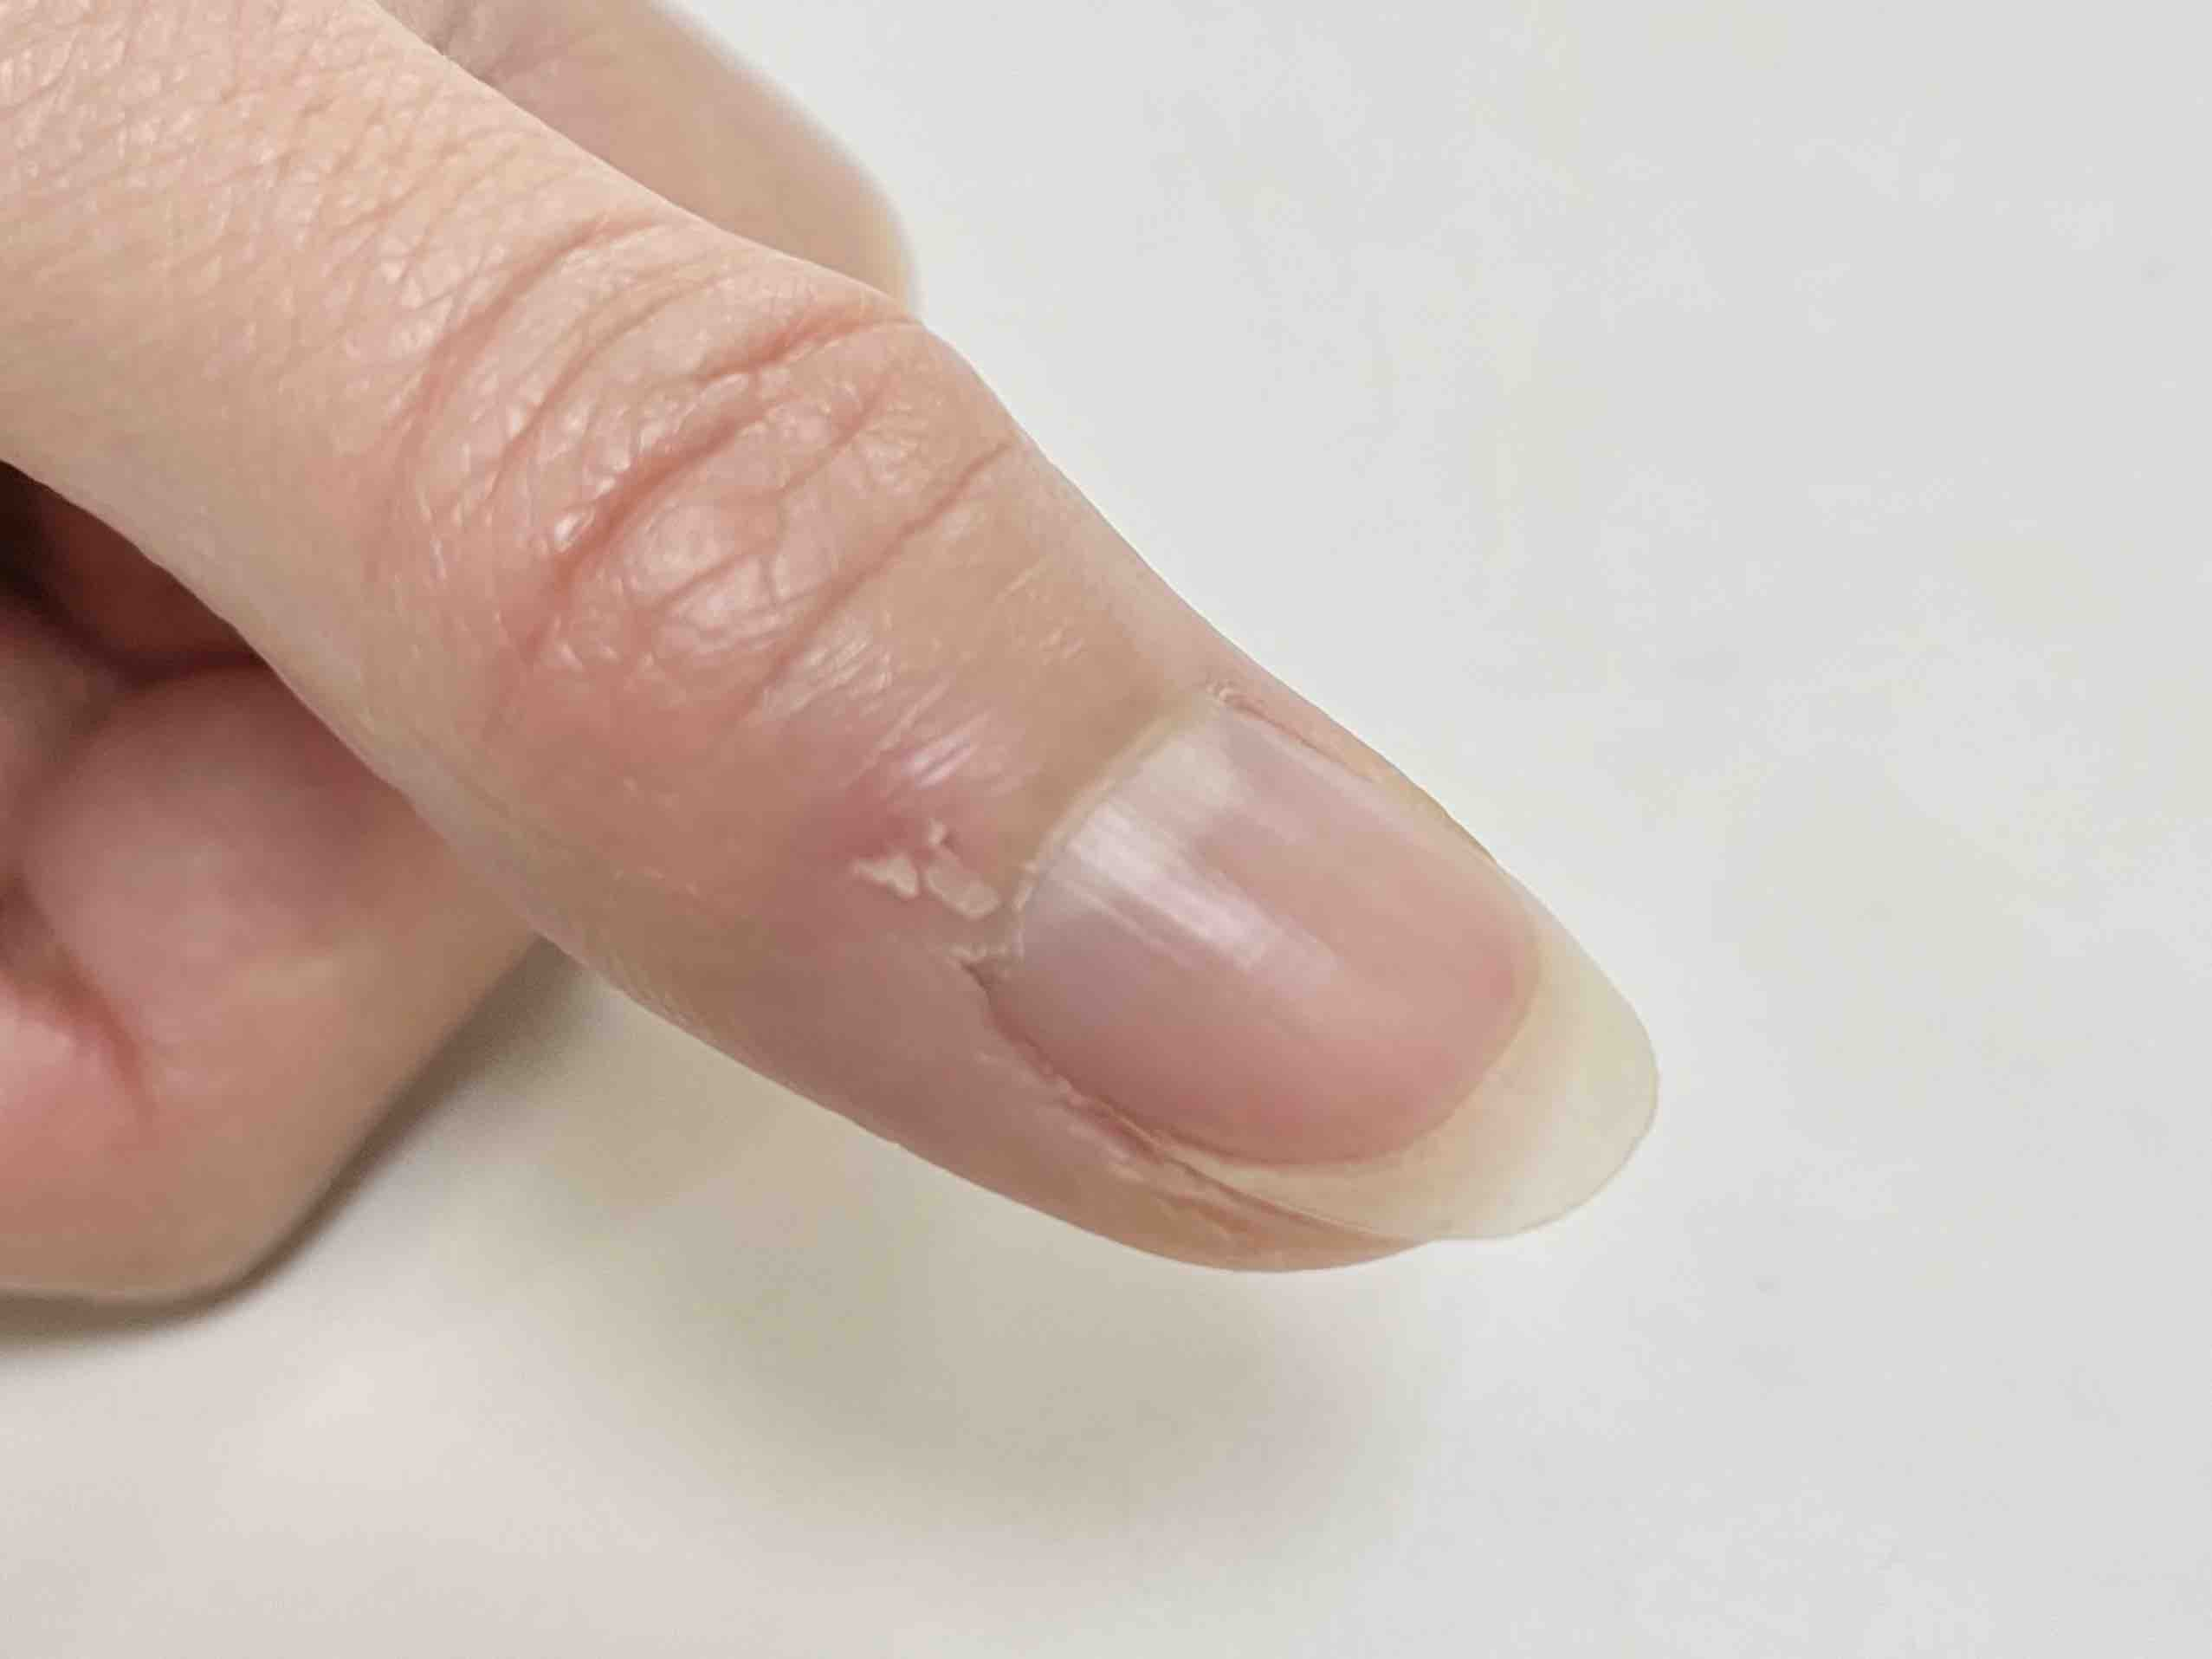 指 ささくれ 腫れ